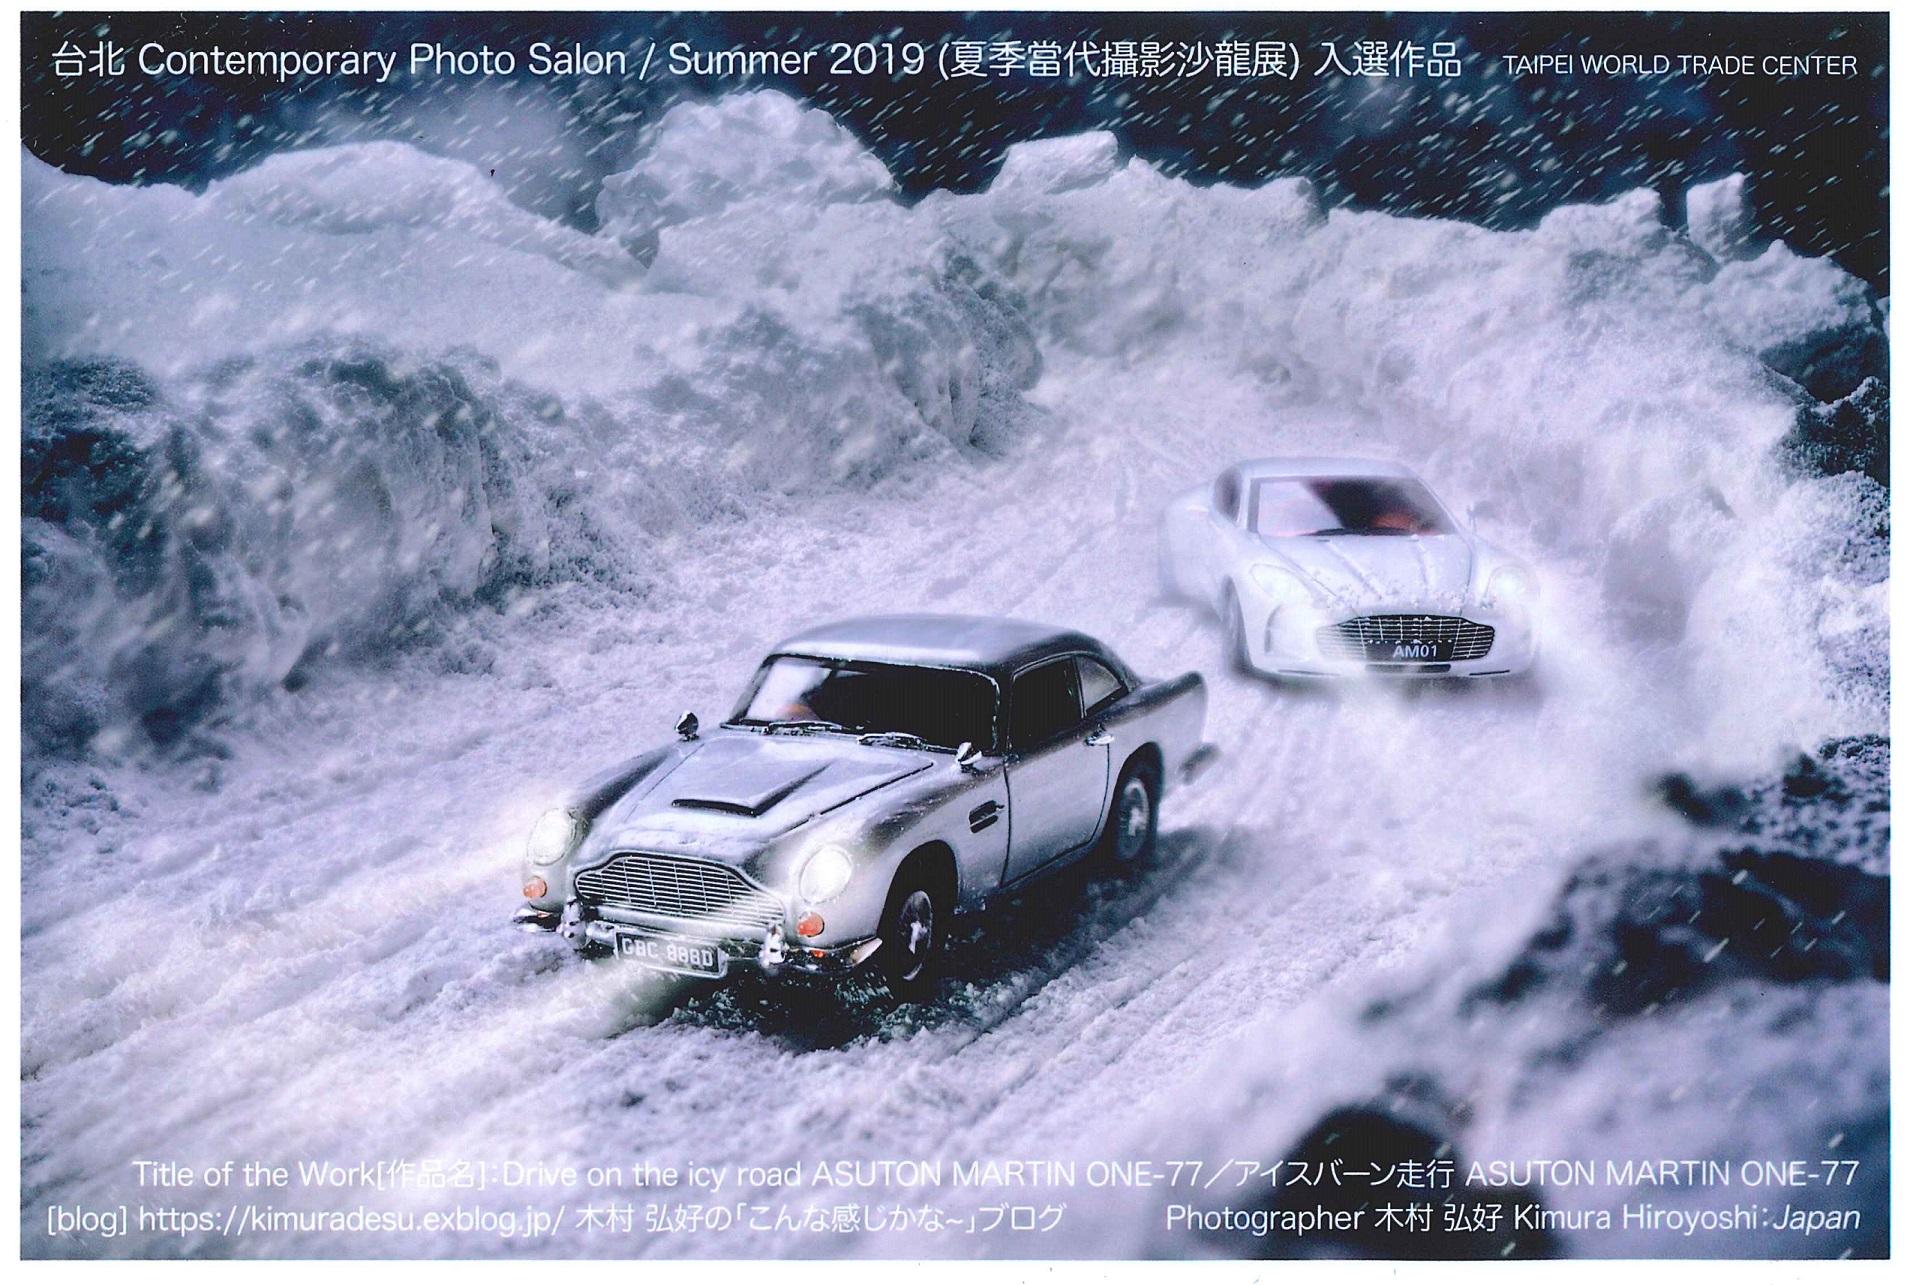 雪の中の疾走